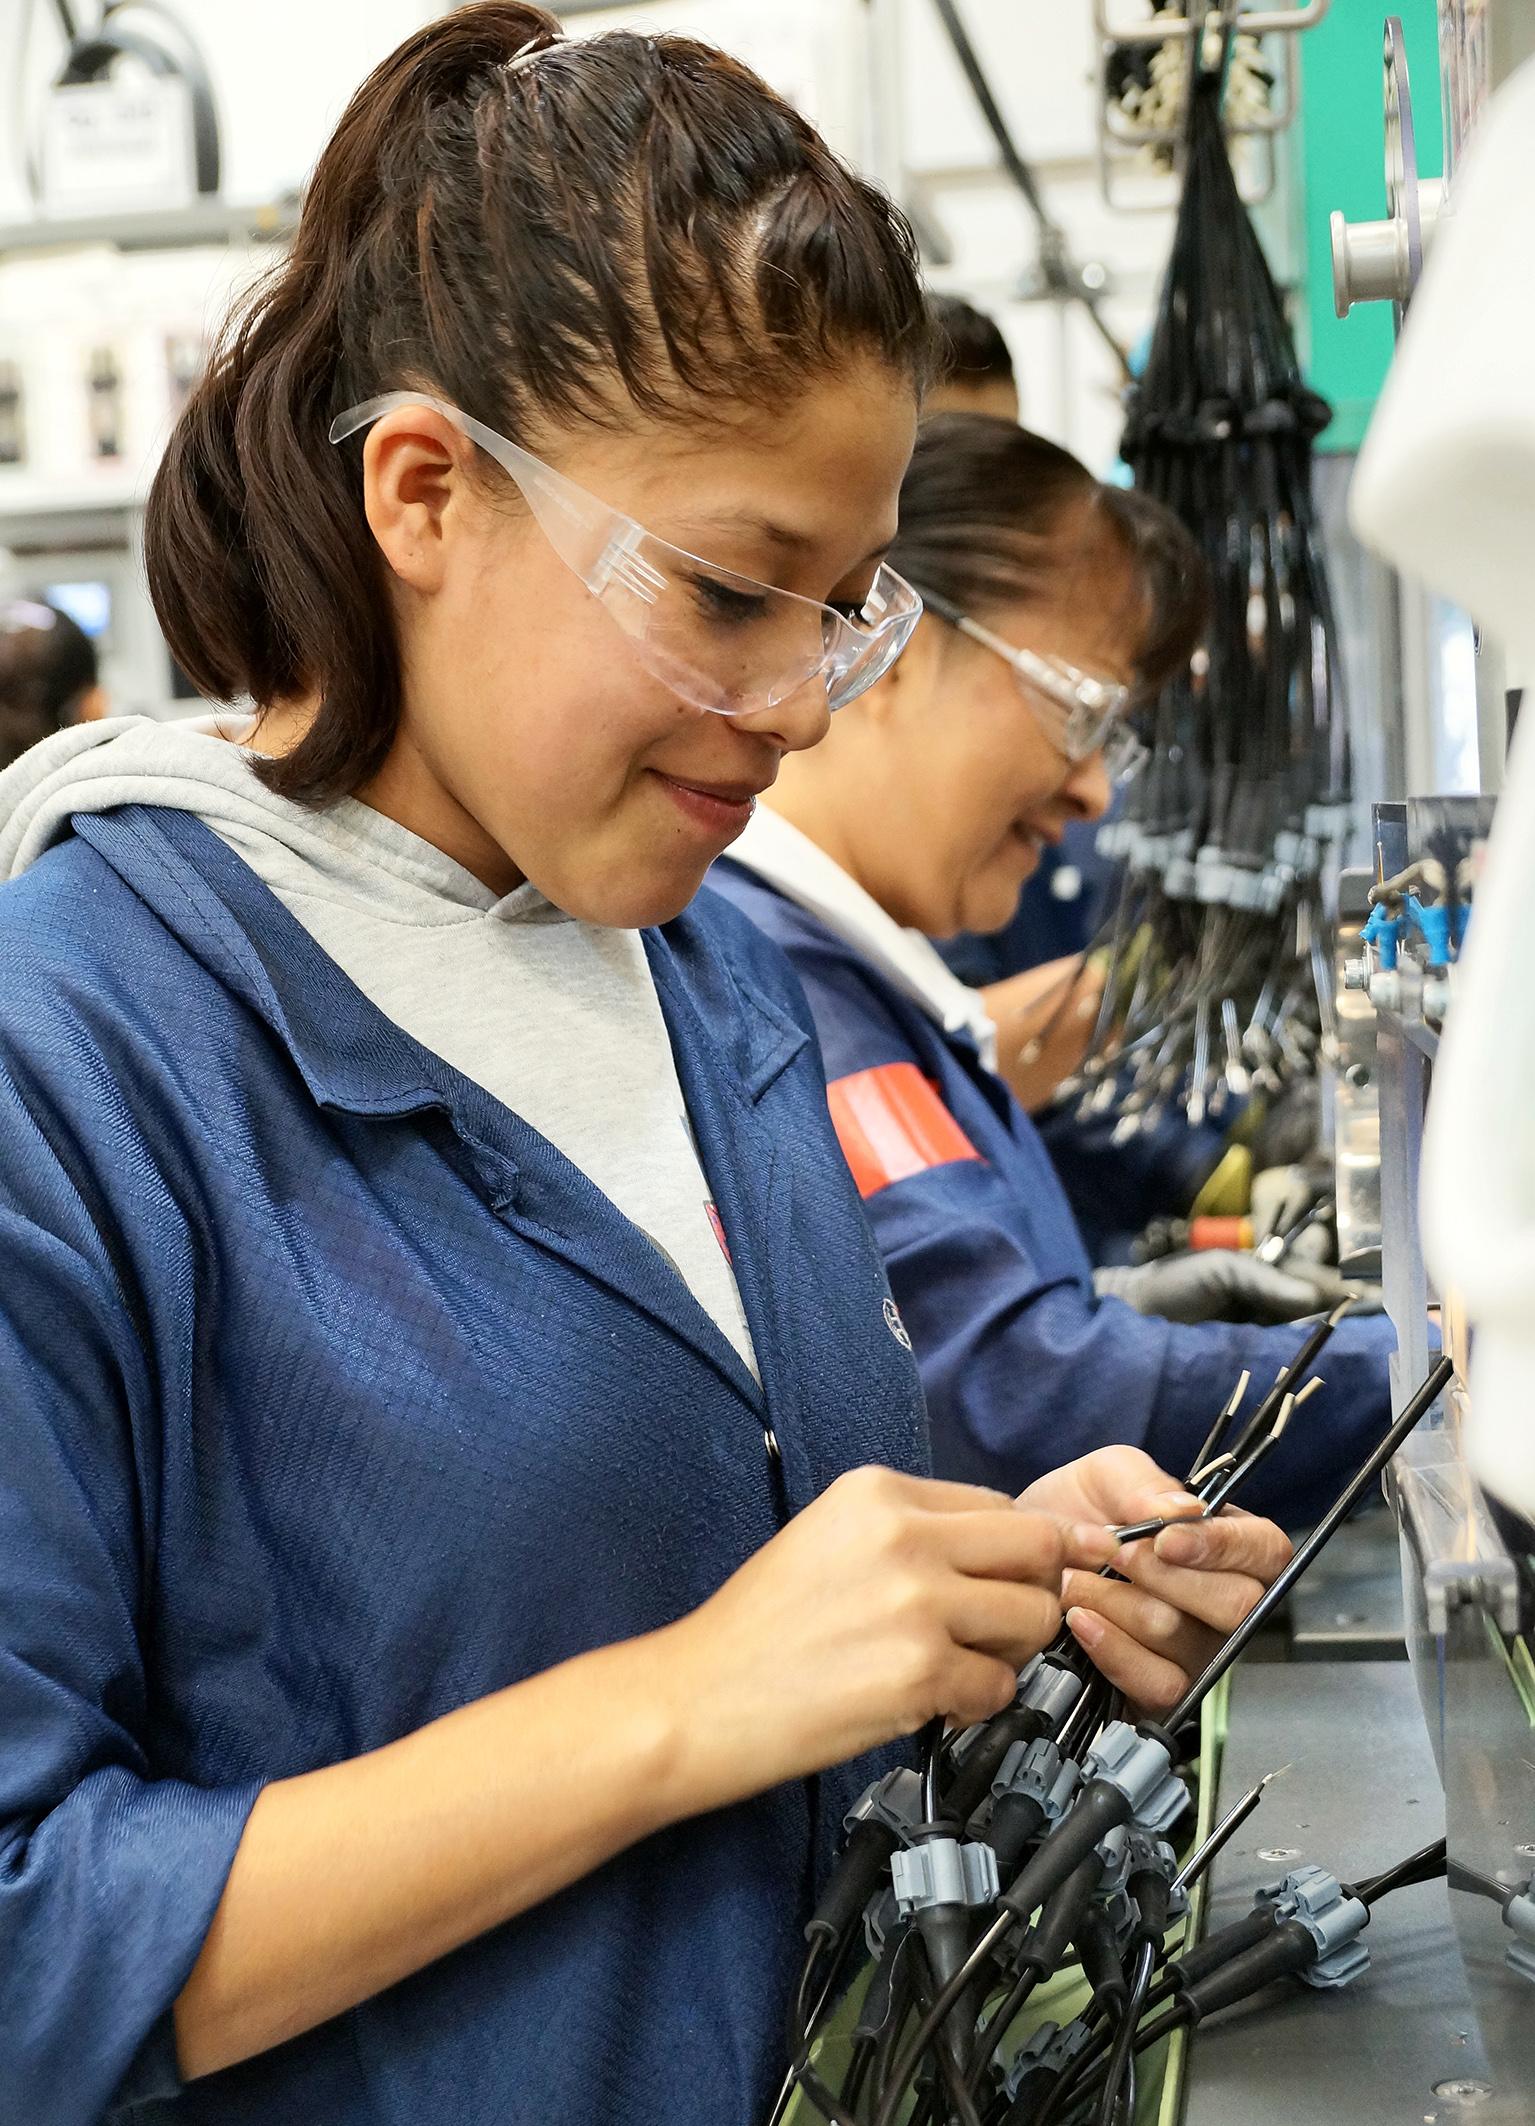 Mitarbeiter 2020: Weitgehend stabiles Beschäftigungsniveau